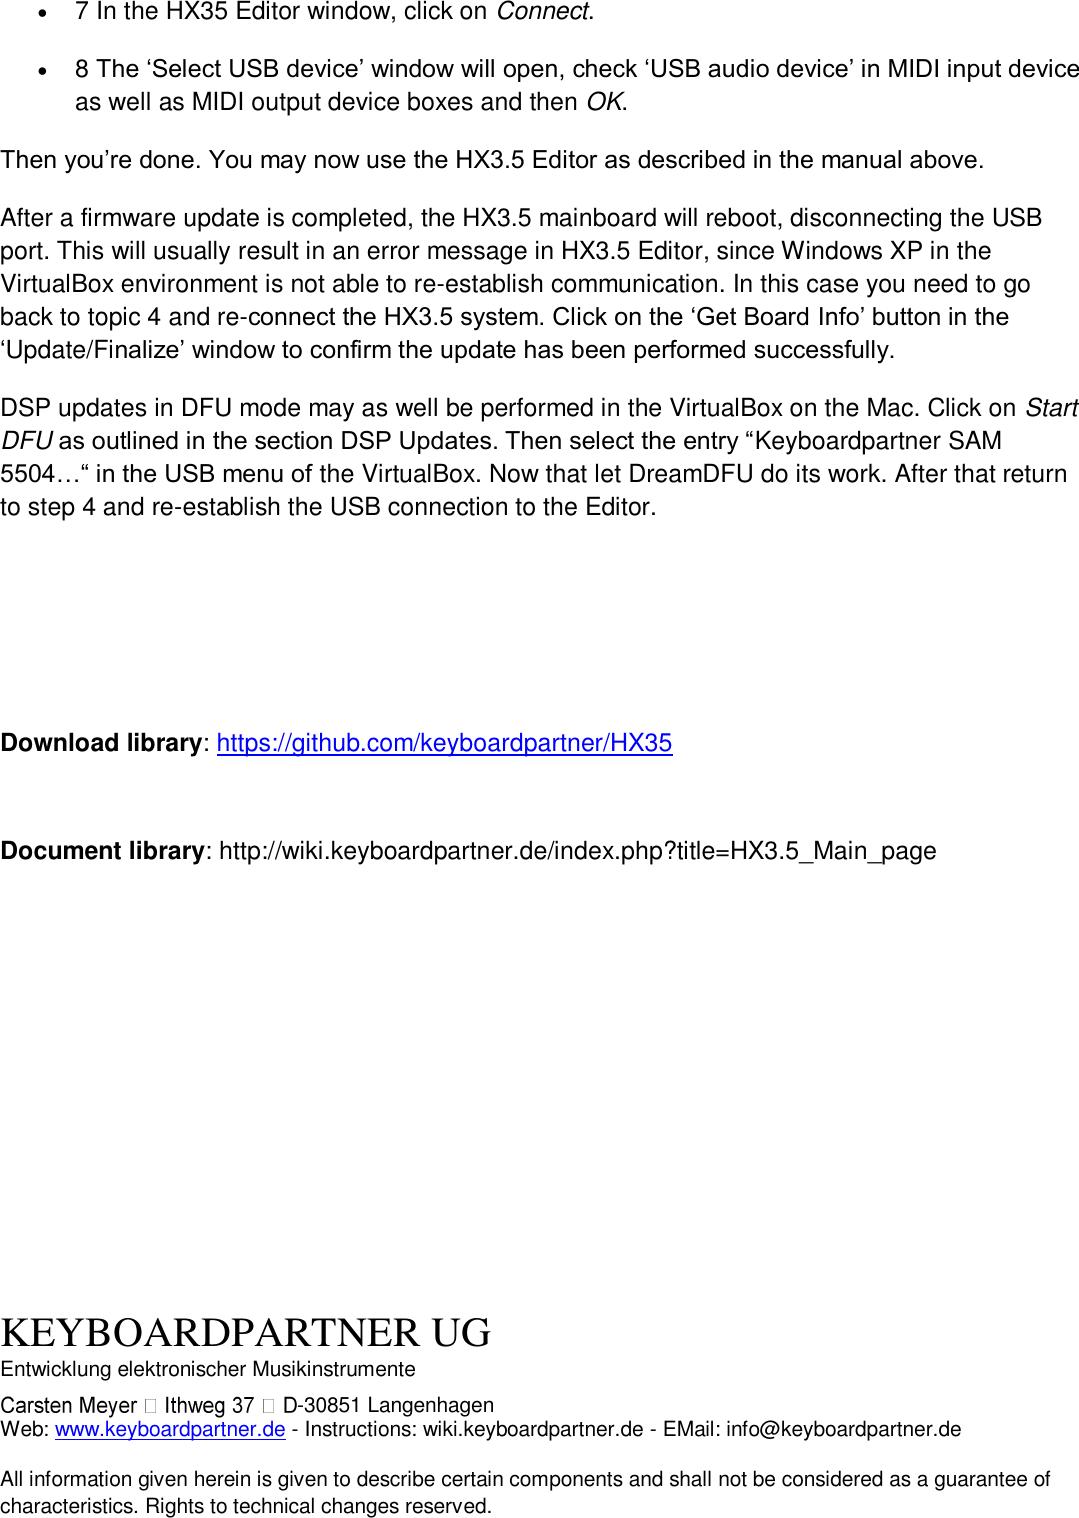 User Manual HX35 Editor